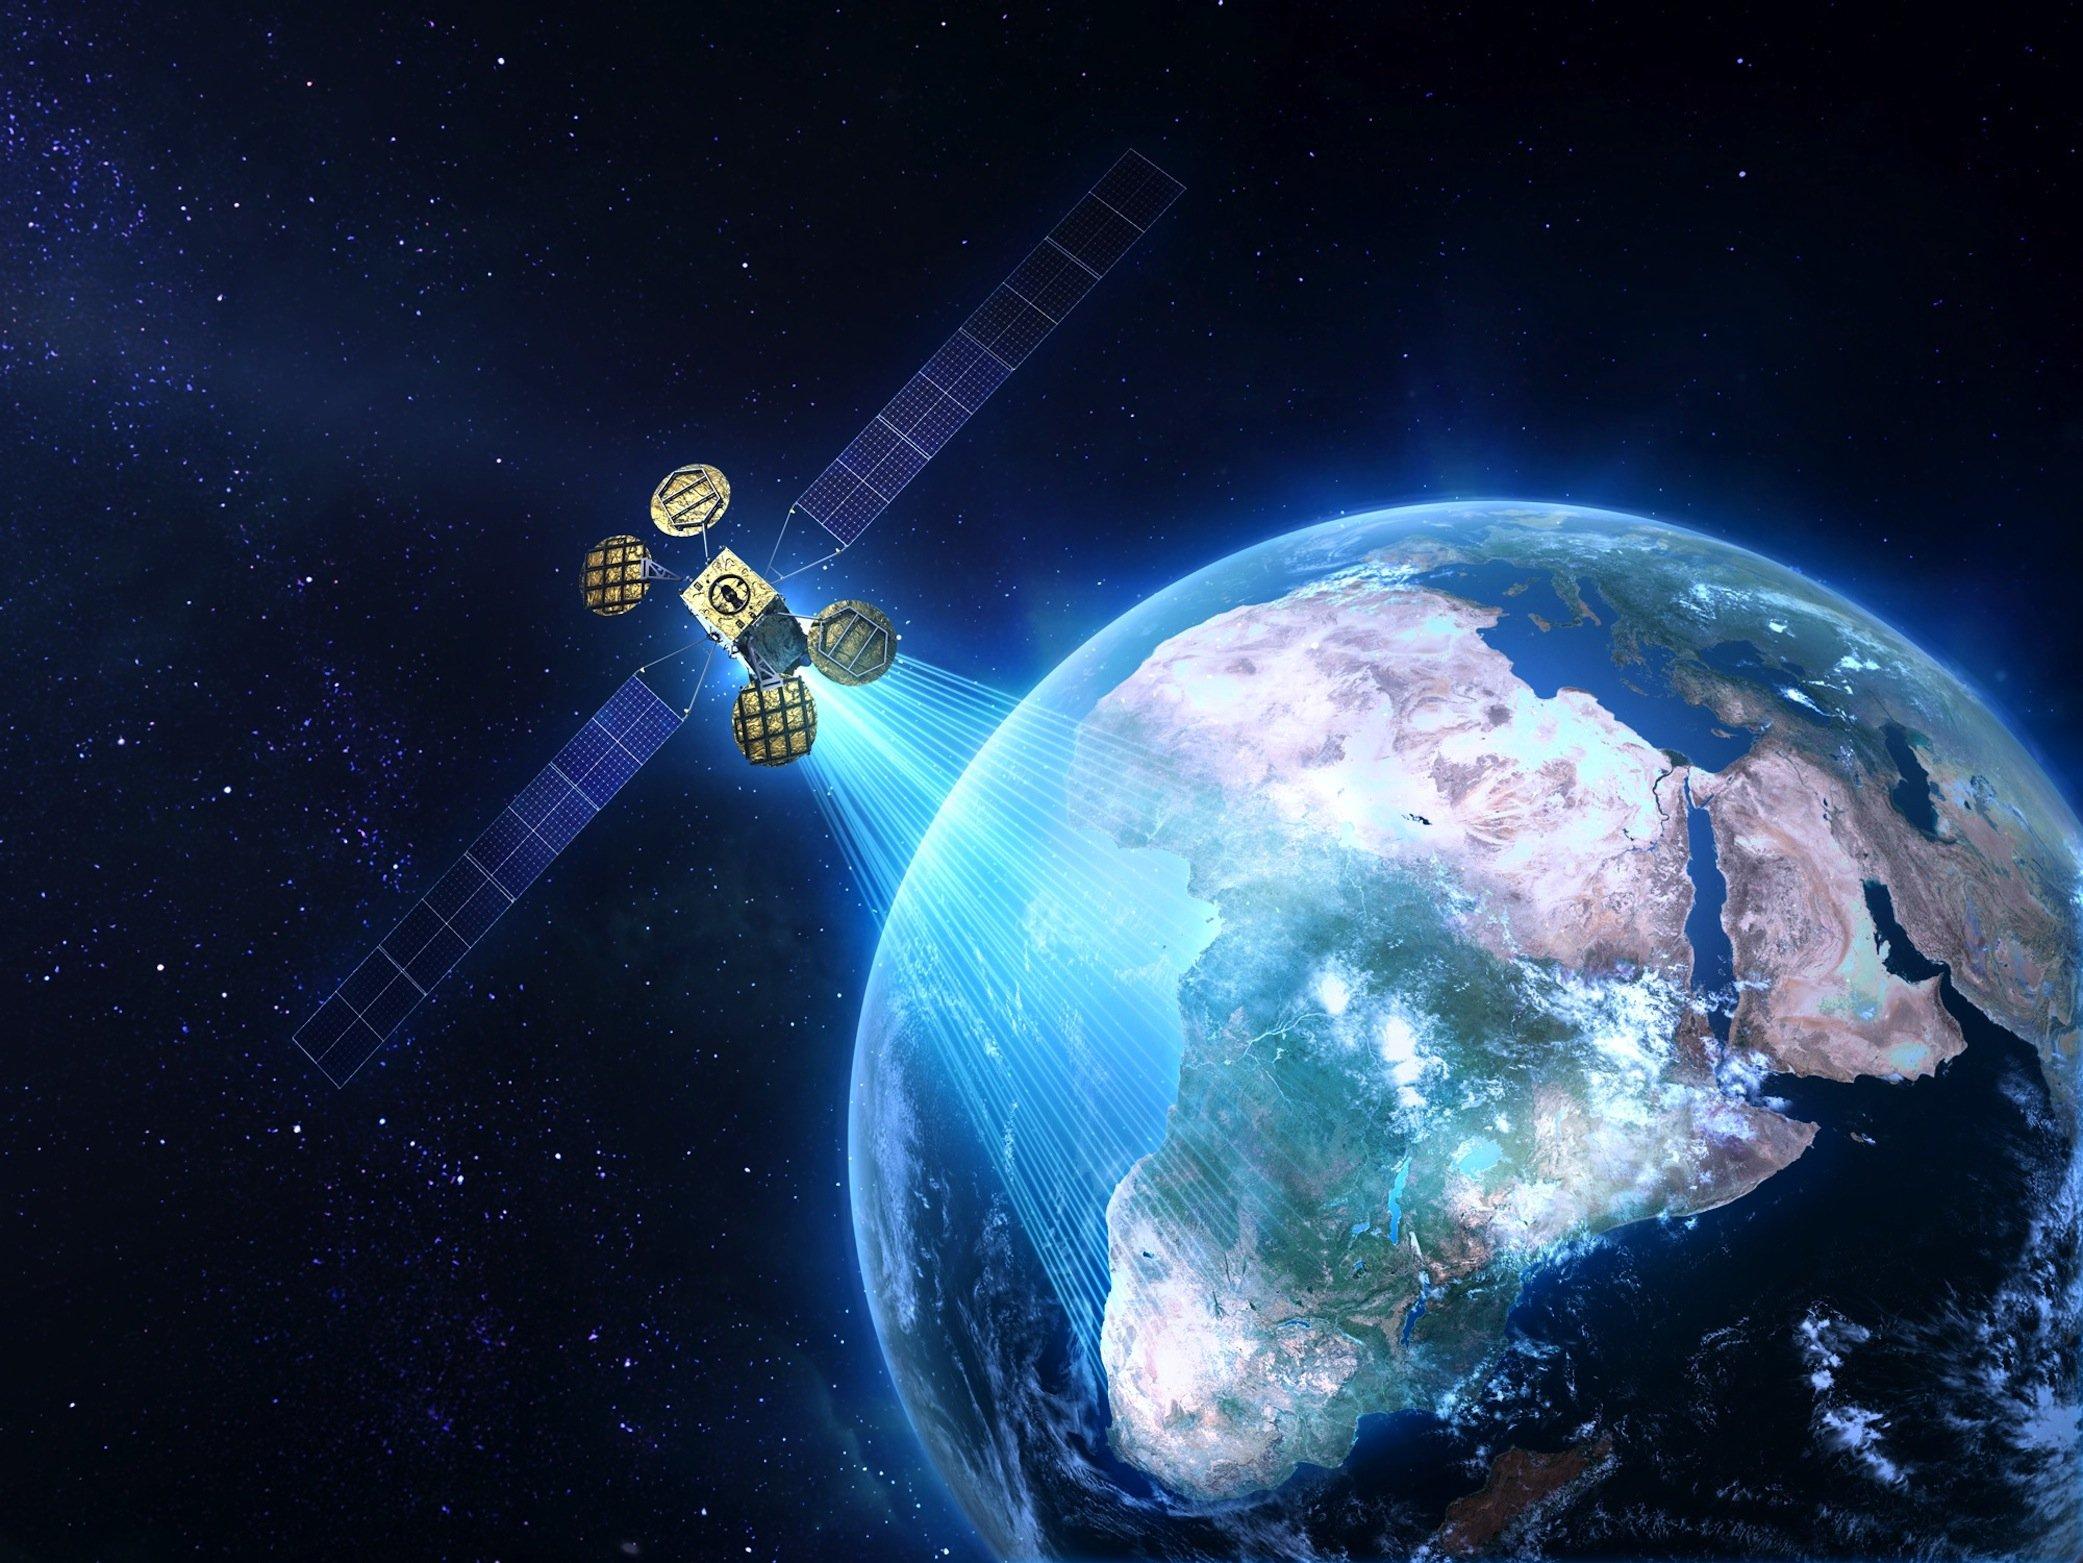 Eutelsat und Facebook wollen gemeinsam einen Satelliten betreiben, der ab dem nächsten Jahr kostenlos Internet in Afrika südlich der Sahara anbieten soll. Allerdings will Facebook keinen unbegrenzten, sondern nur einen eingeschränkten Zugang anbieten.